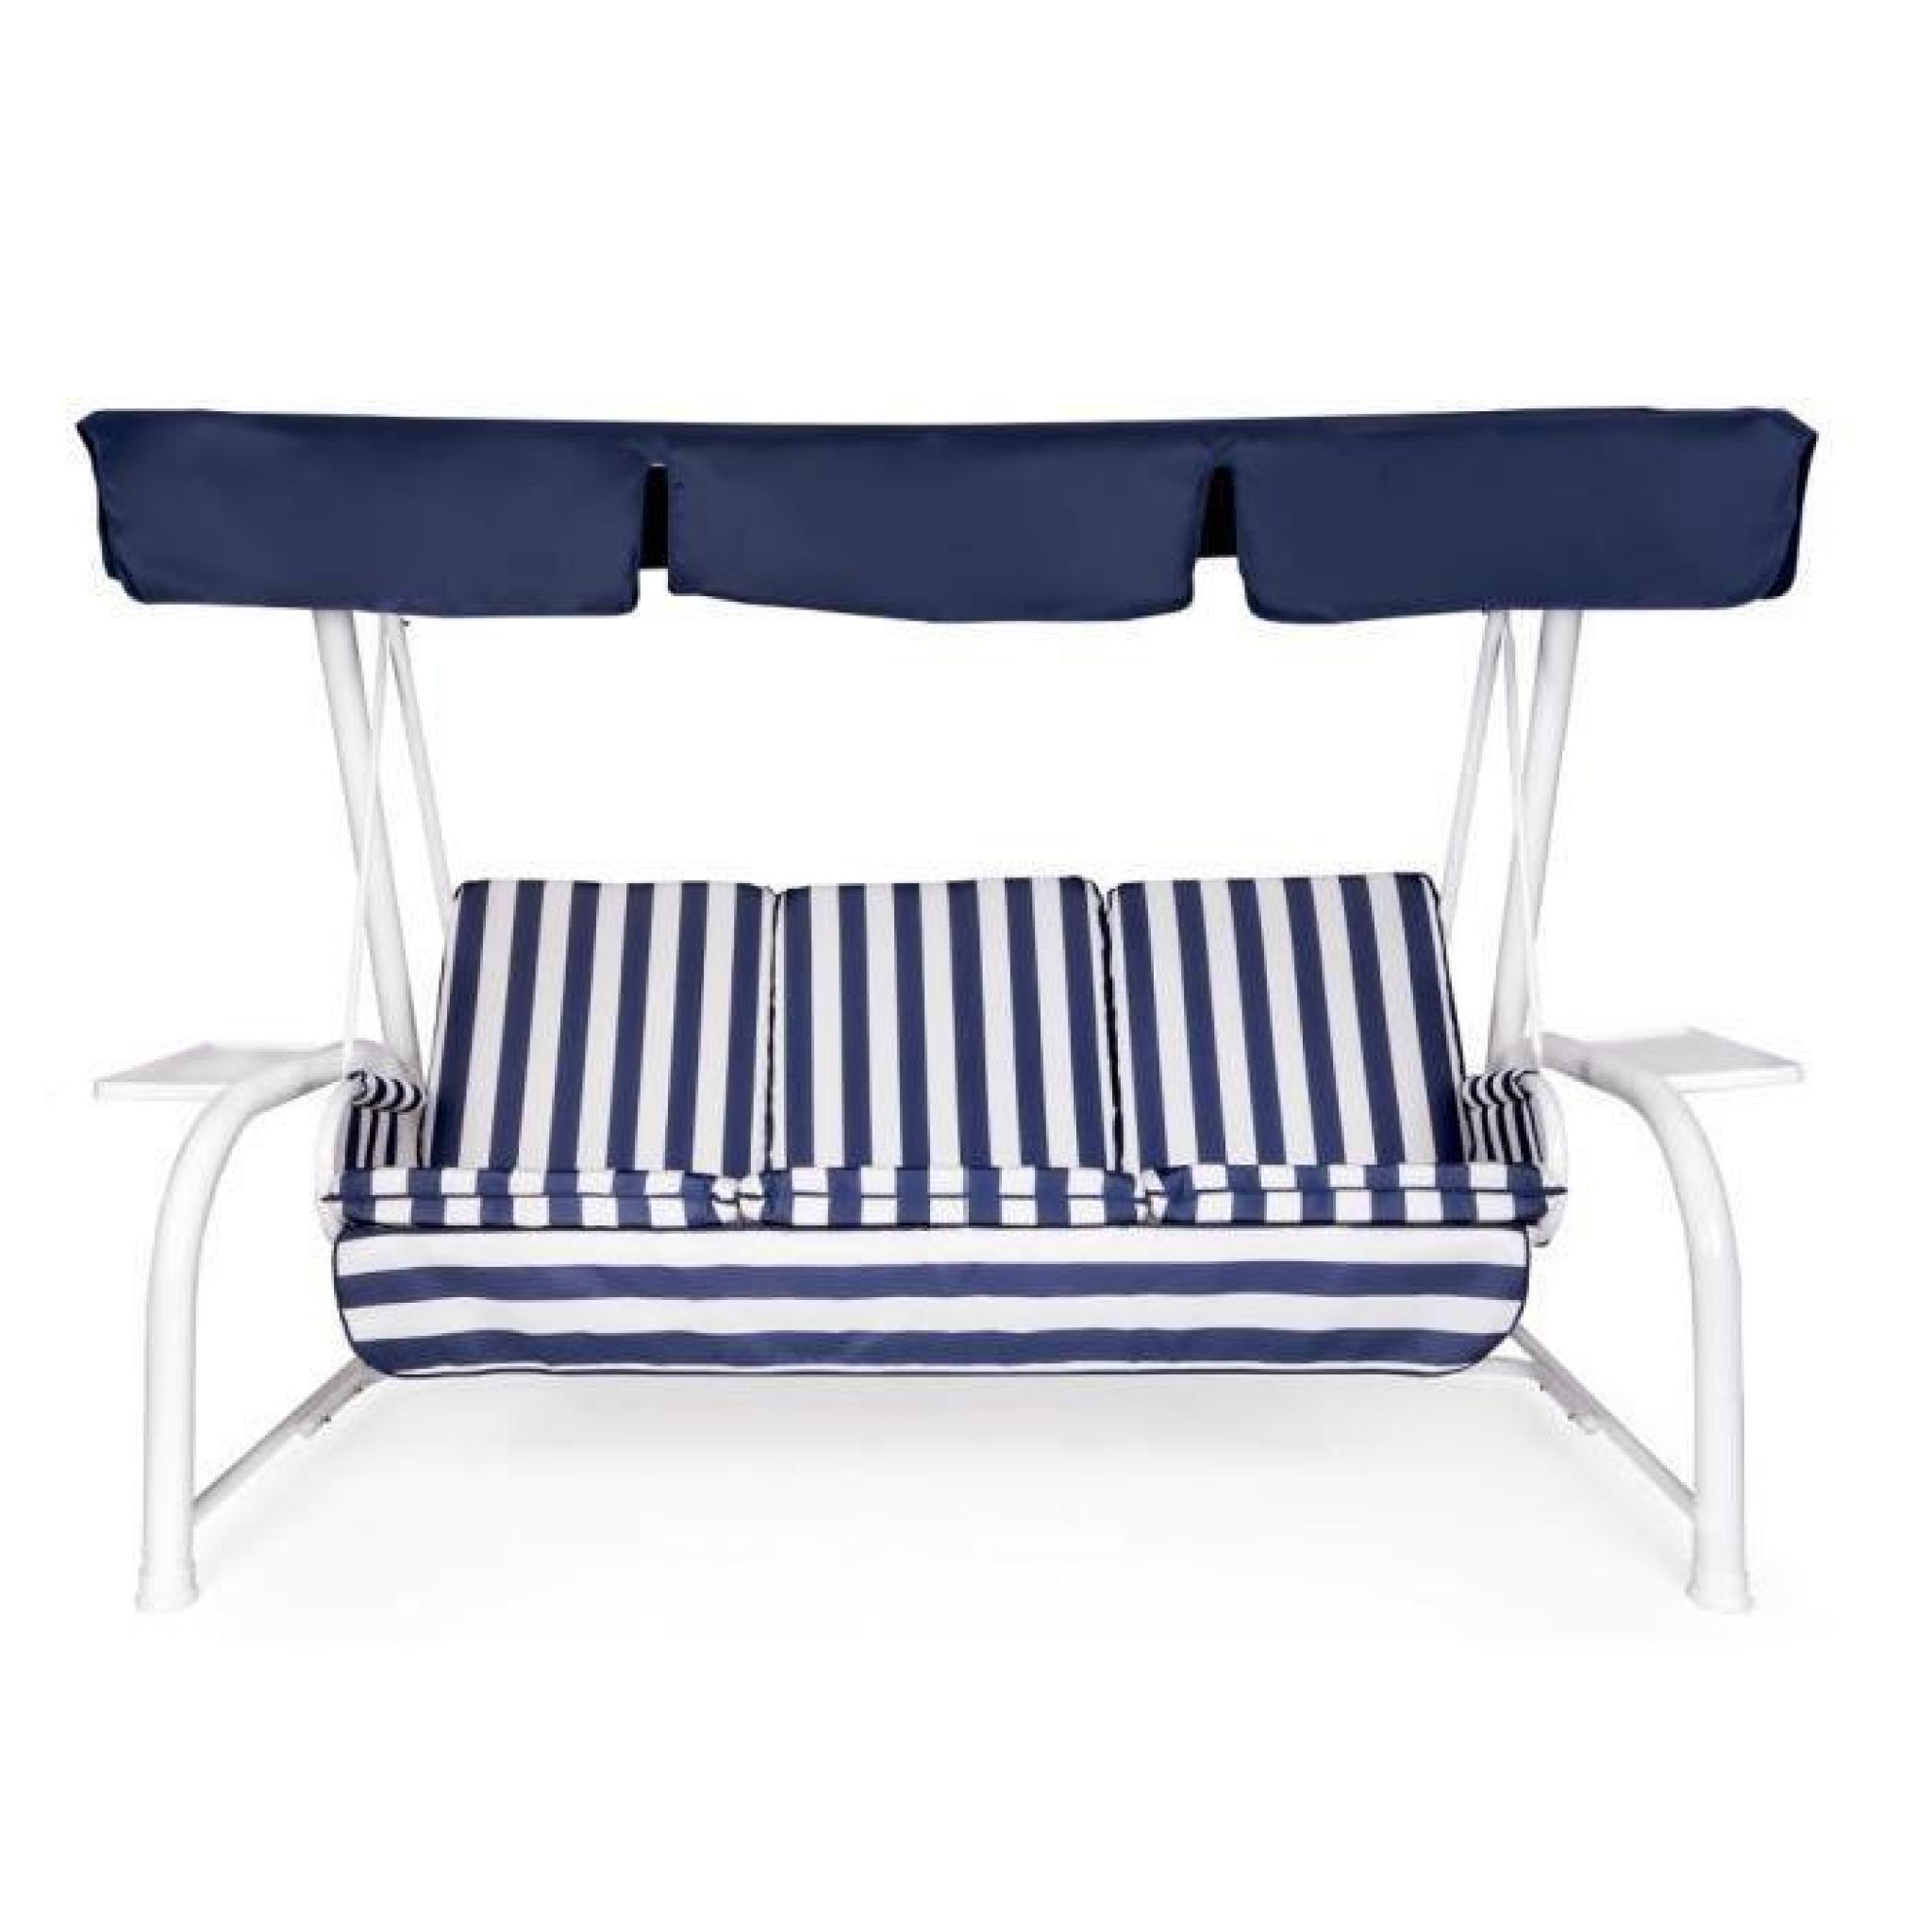 Set Coussins + Toit De Remplacement Pour Balancelle 4 Places Blanc Rayé  Bleu Toit Bleu destiné Toit De Balancelle